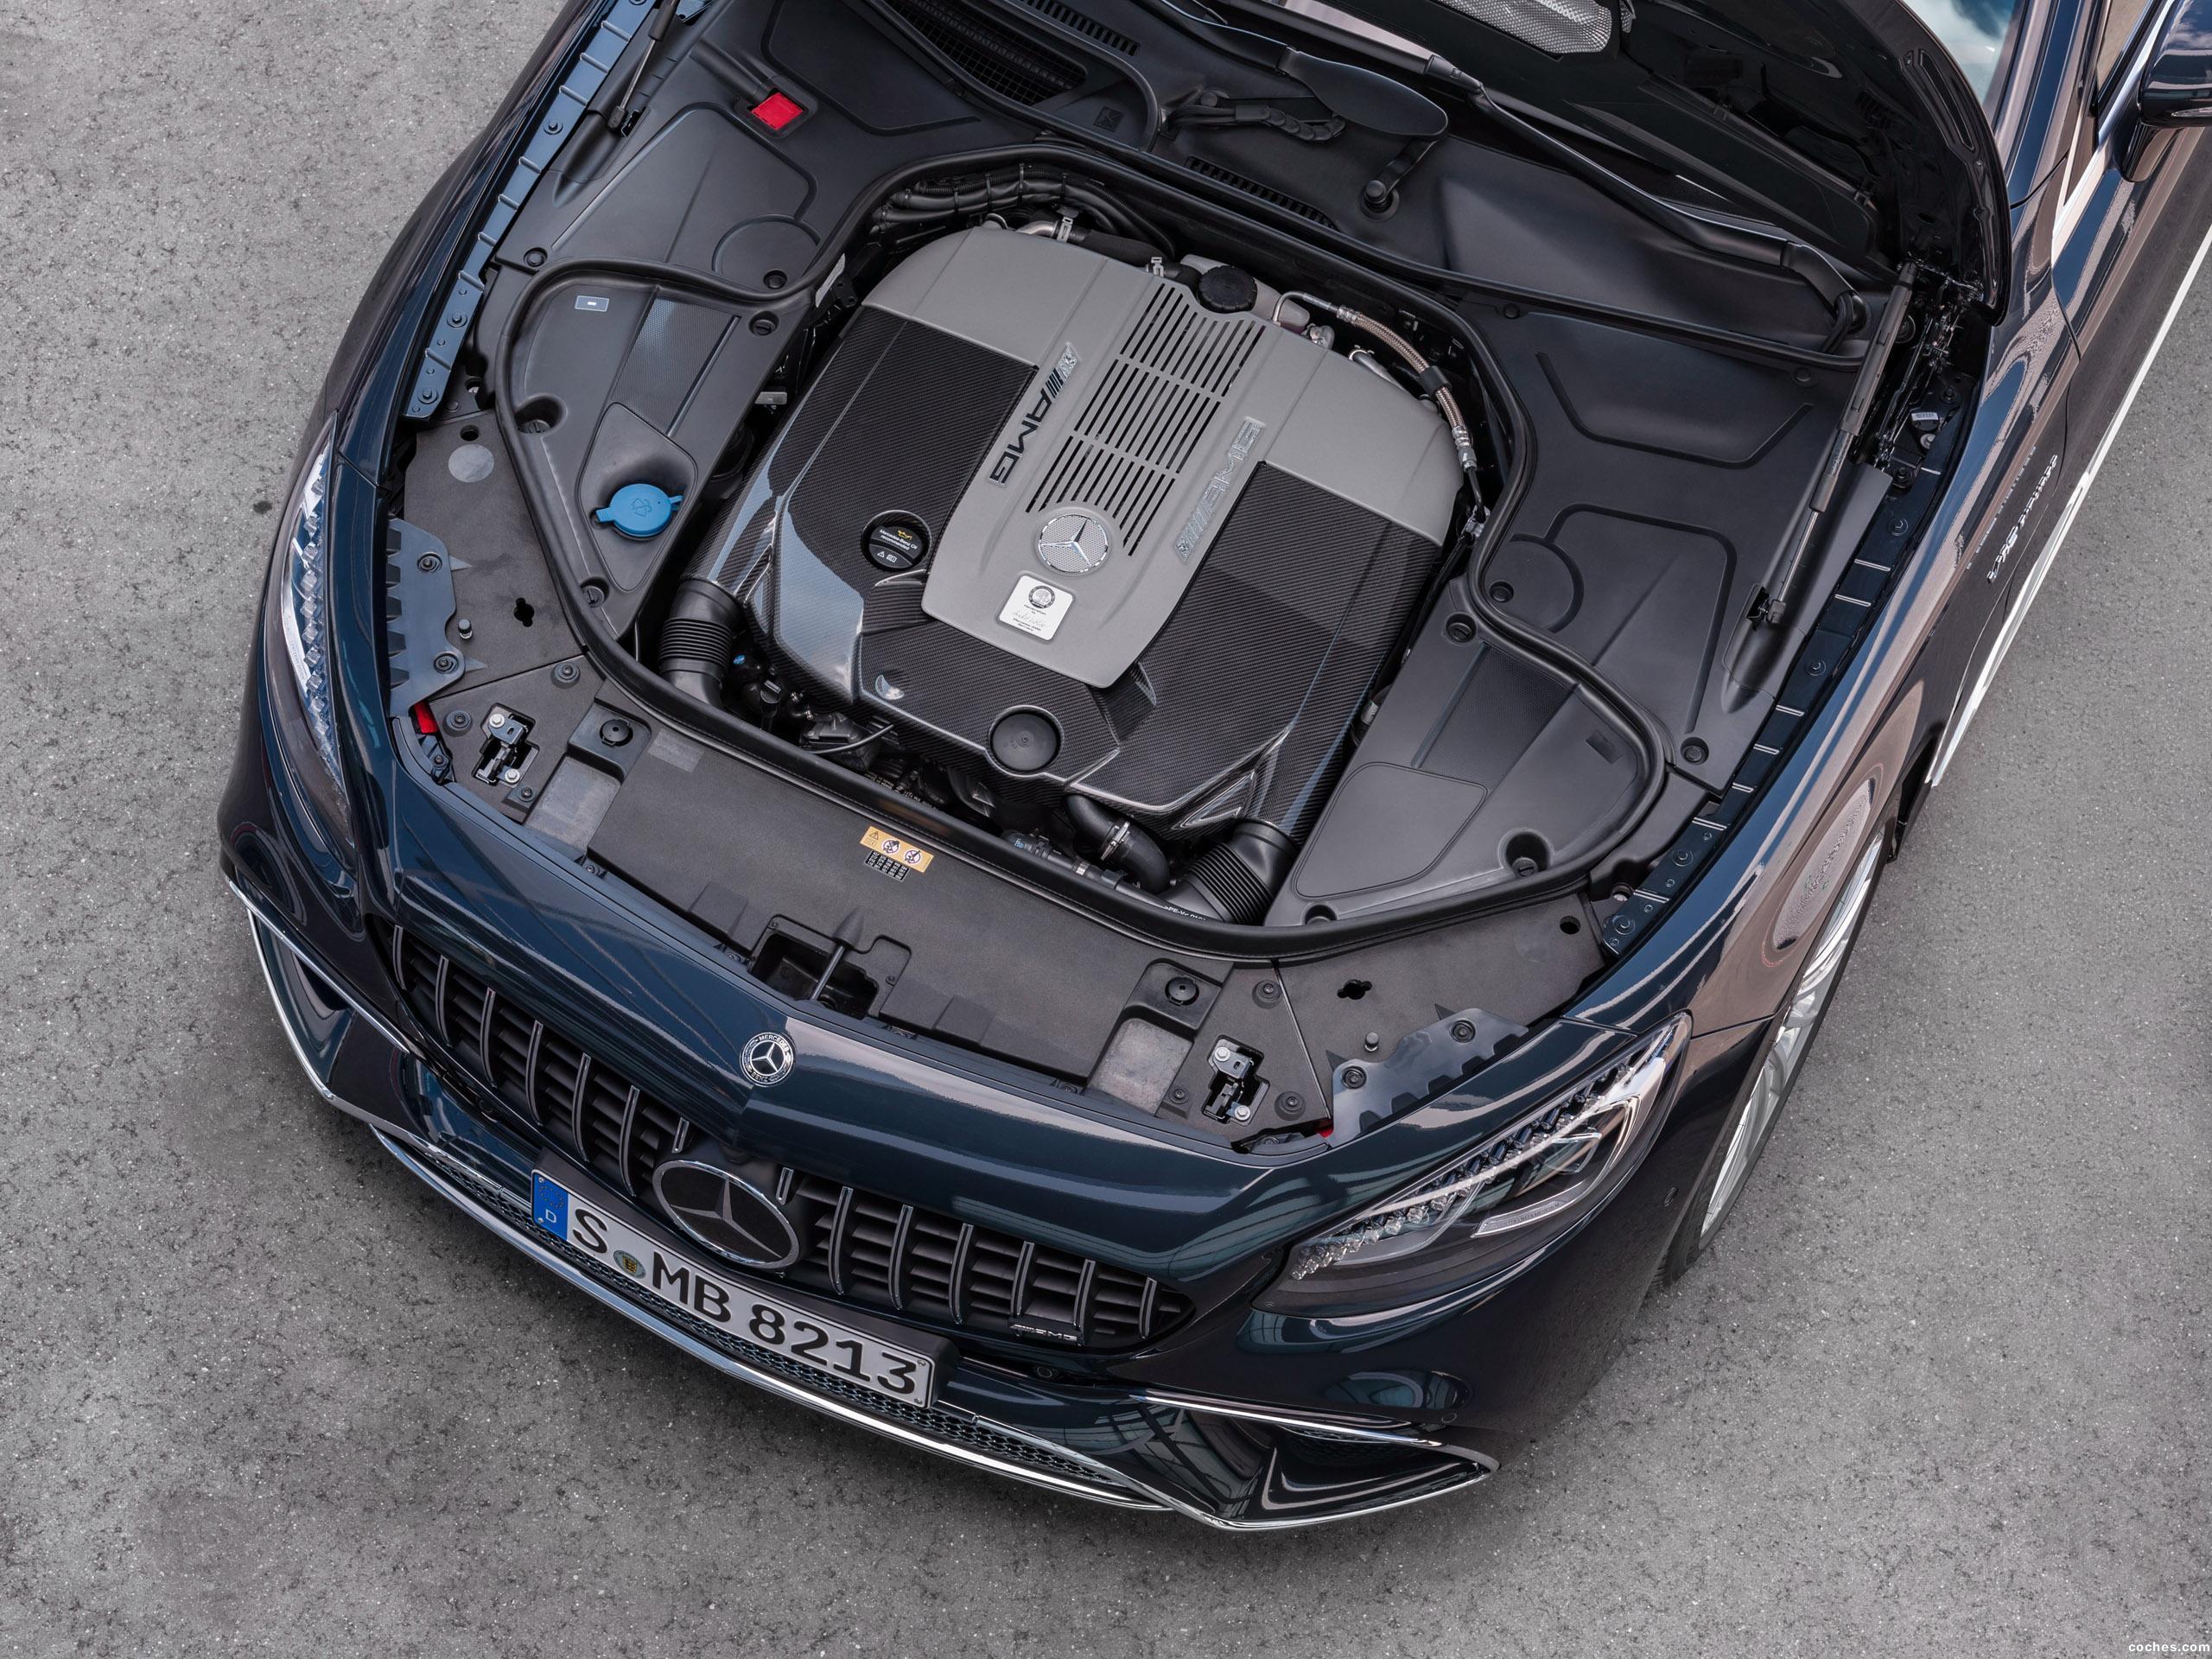 Foto 8 de Mercedes AMG S65 Coupe C217 2017